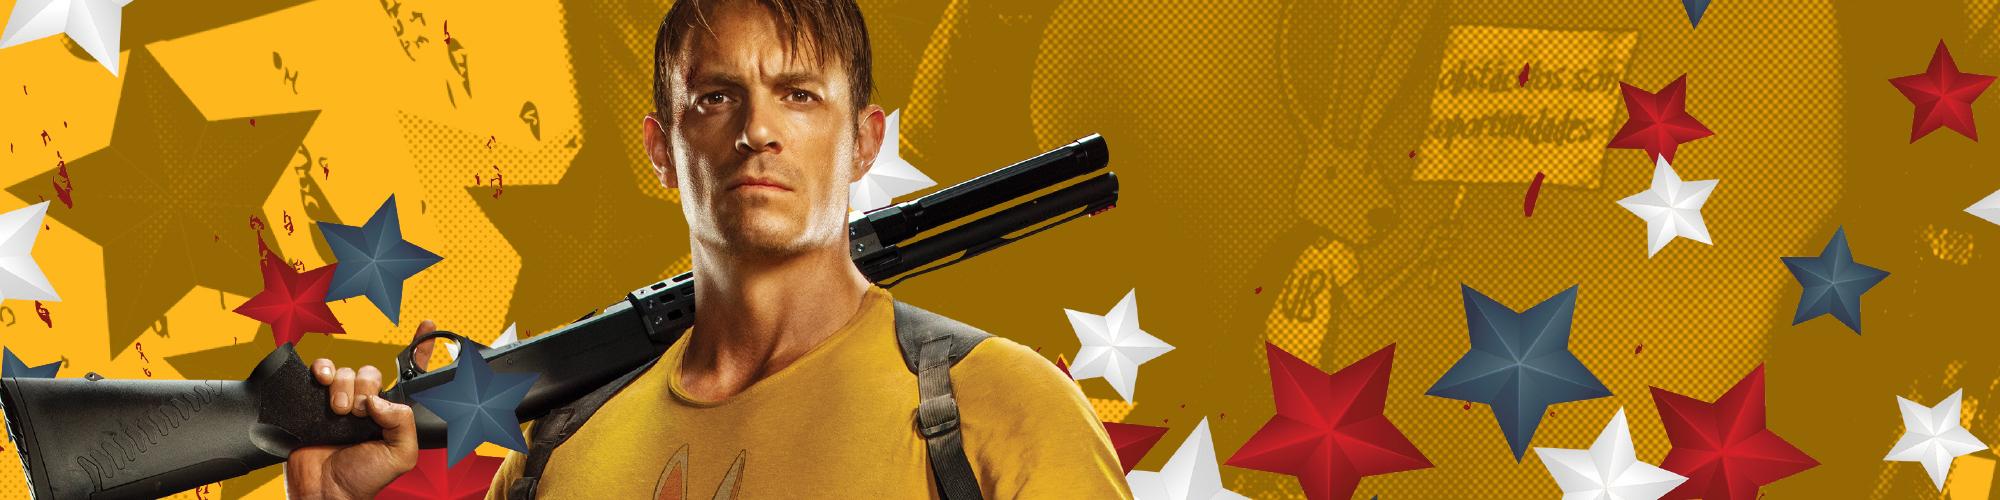 Joel Kinnaman The Suicide Squad hero image